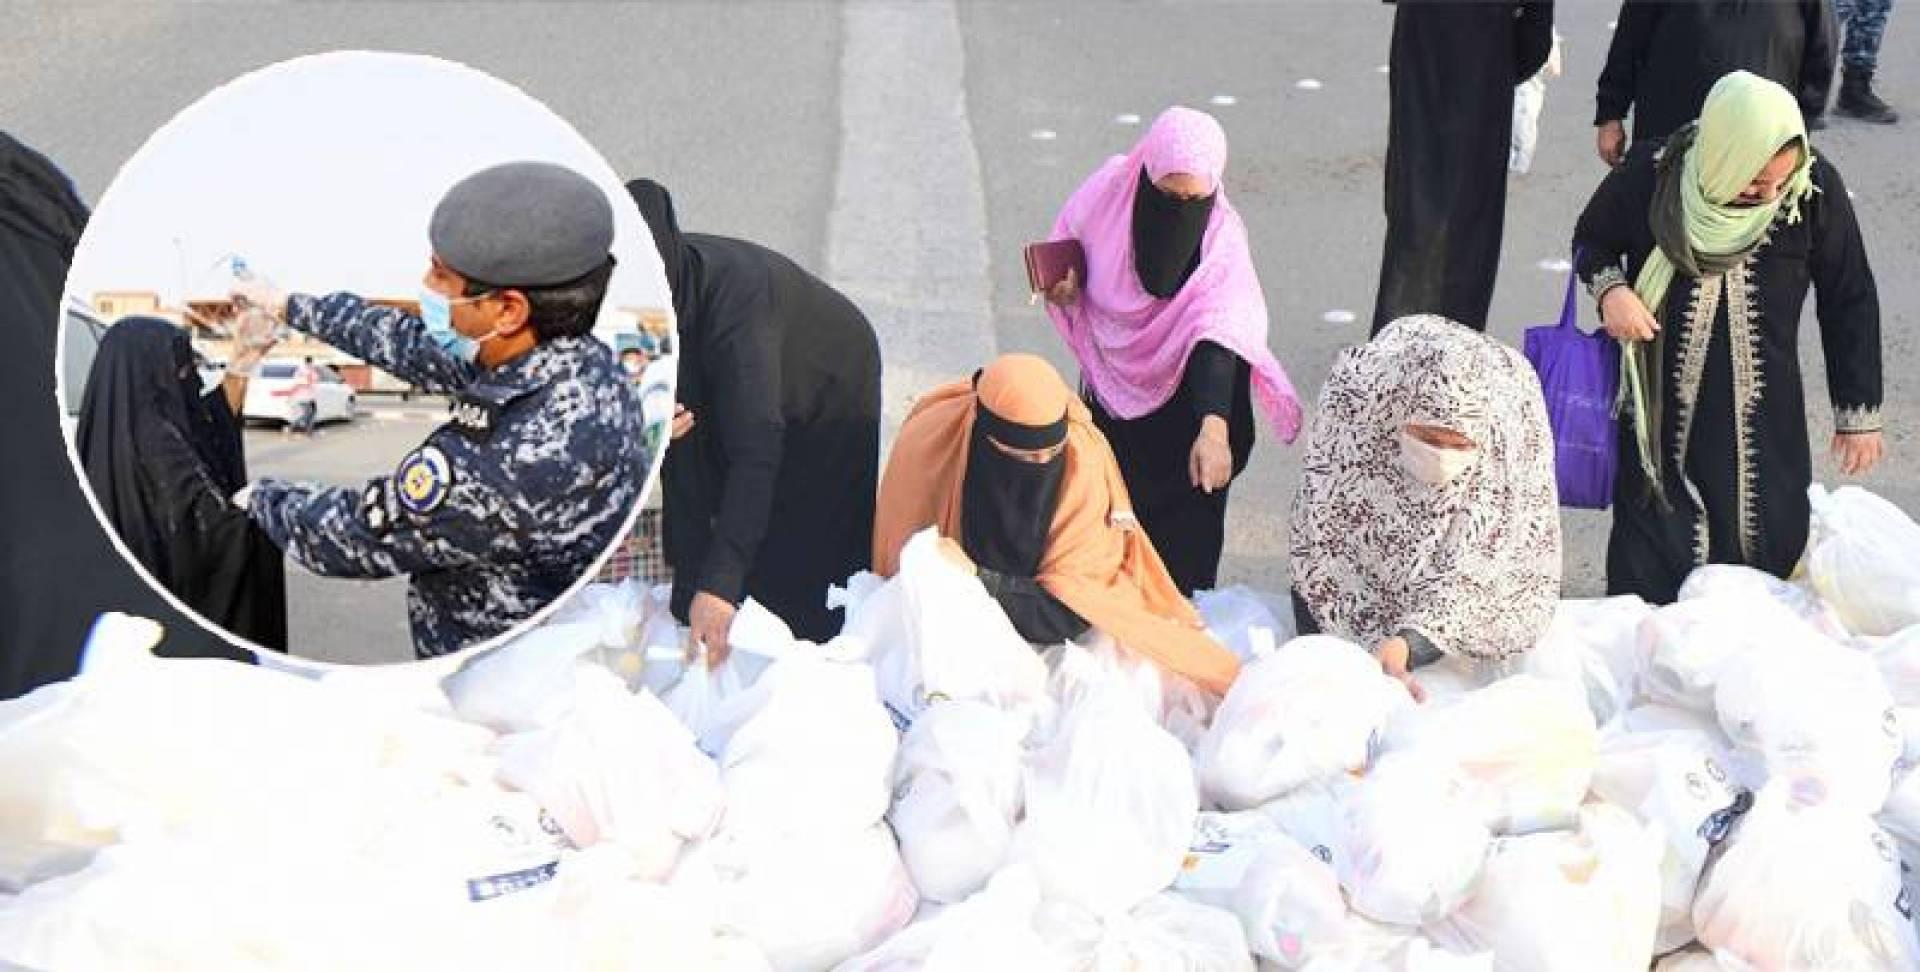 عمليات توزيع الجمعيات الخيرية السلال الغذائية على المتضررين داخل منطقة جليب الشيوخ.. تصوير بسام زيدان